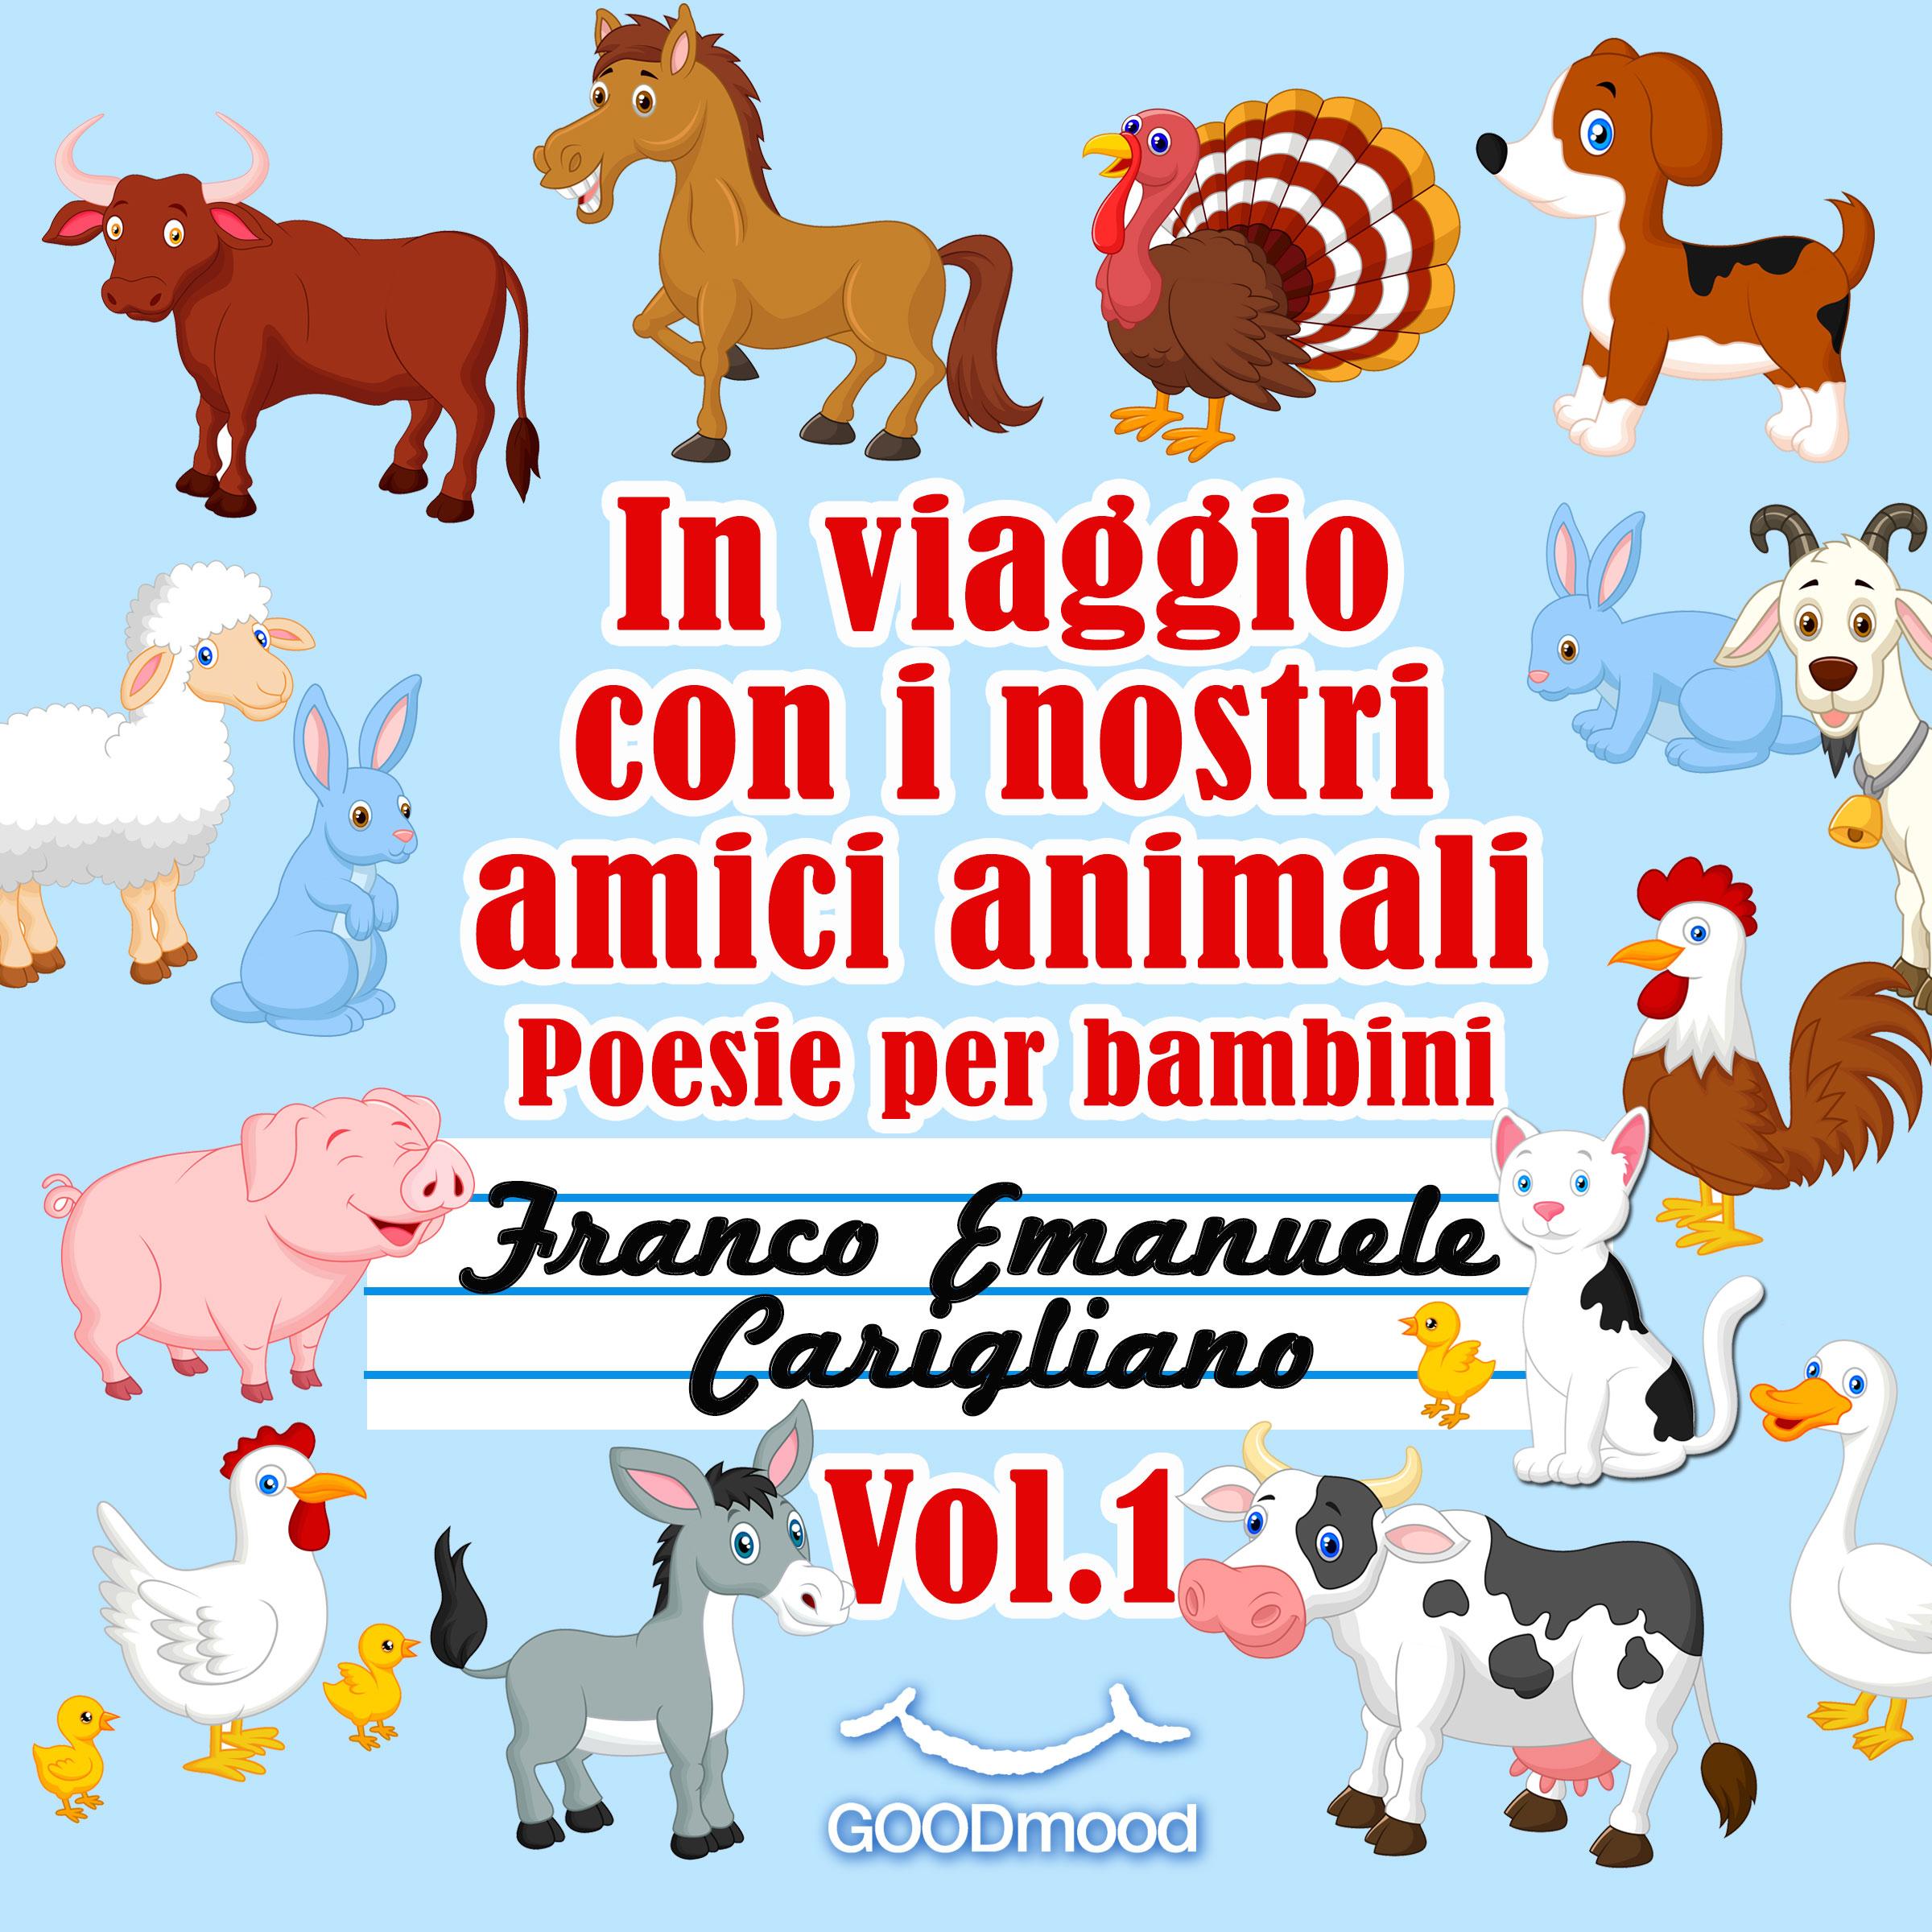 In viaggio con i nostri amici animali Vol.1-0